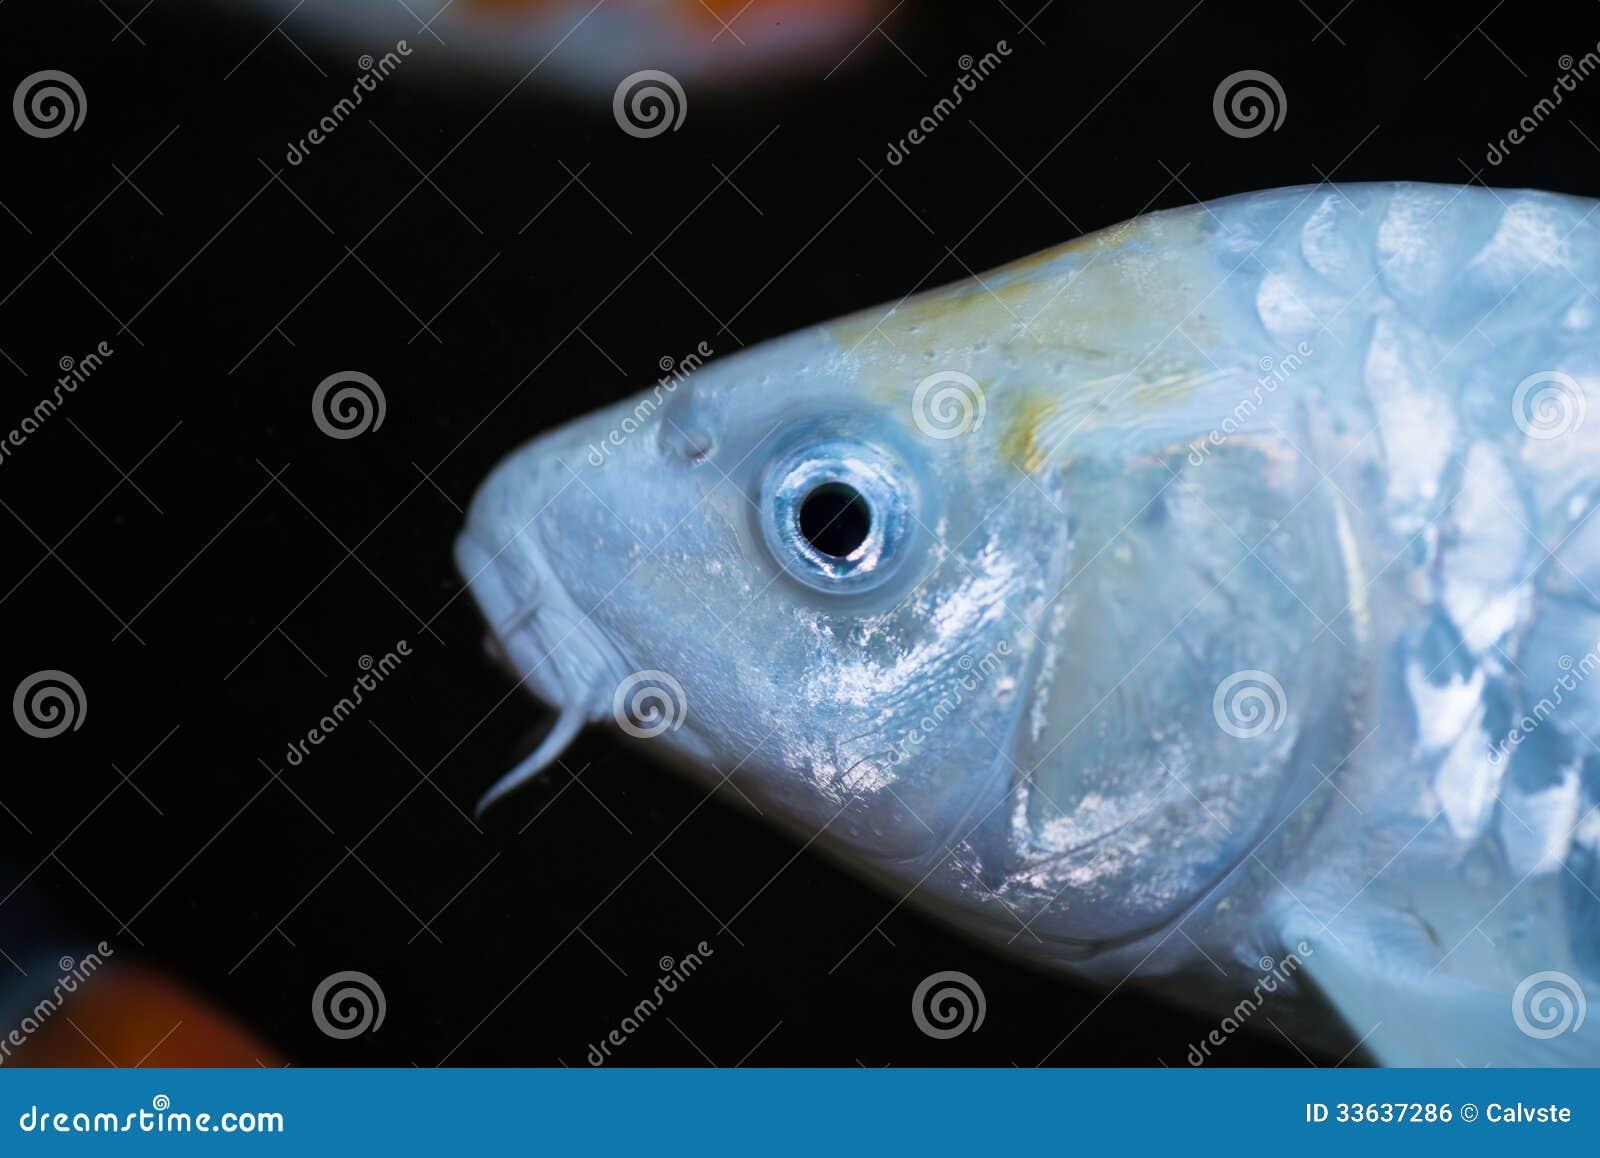 White koi carp fish extreme close up royalty free stock for White koi carp